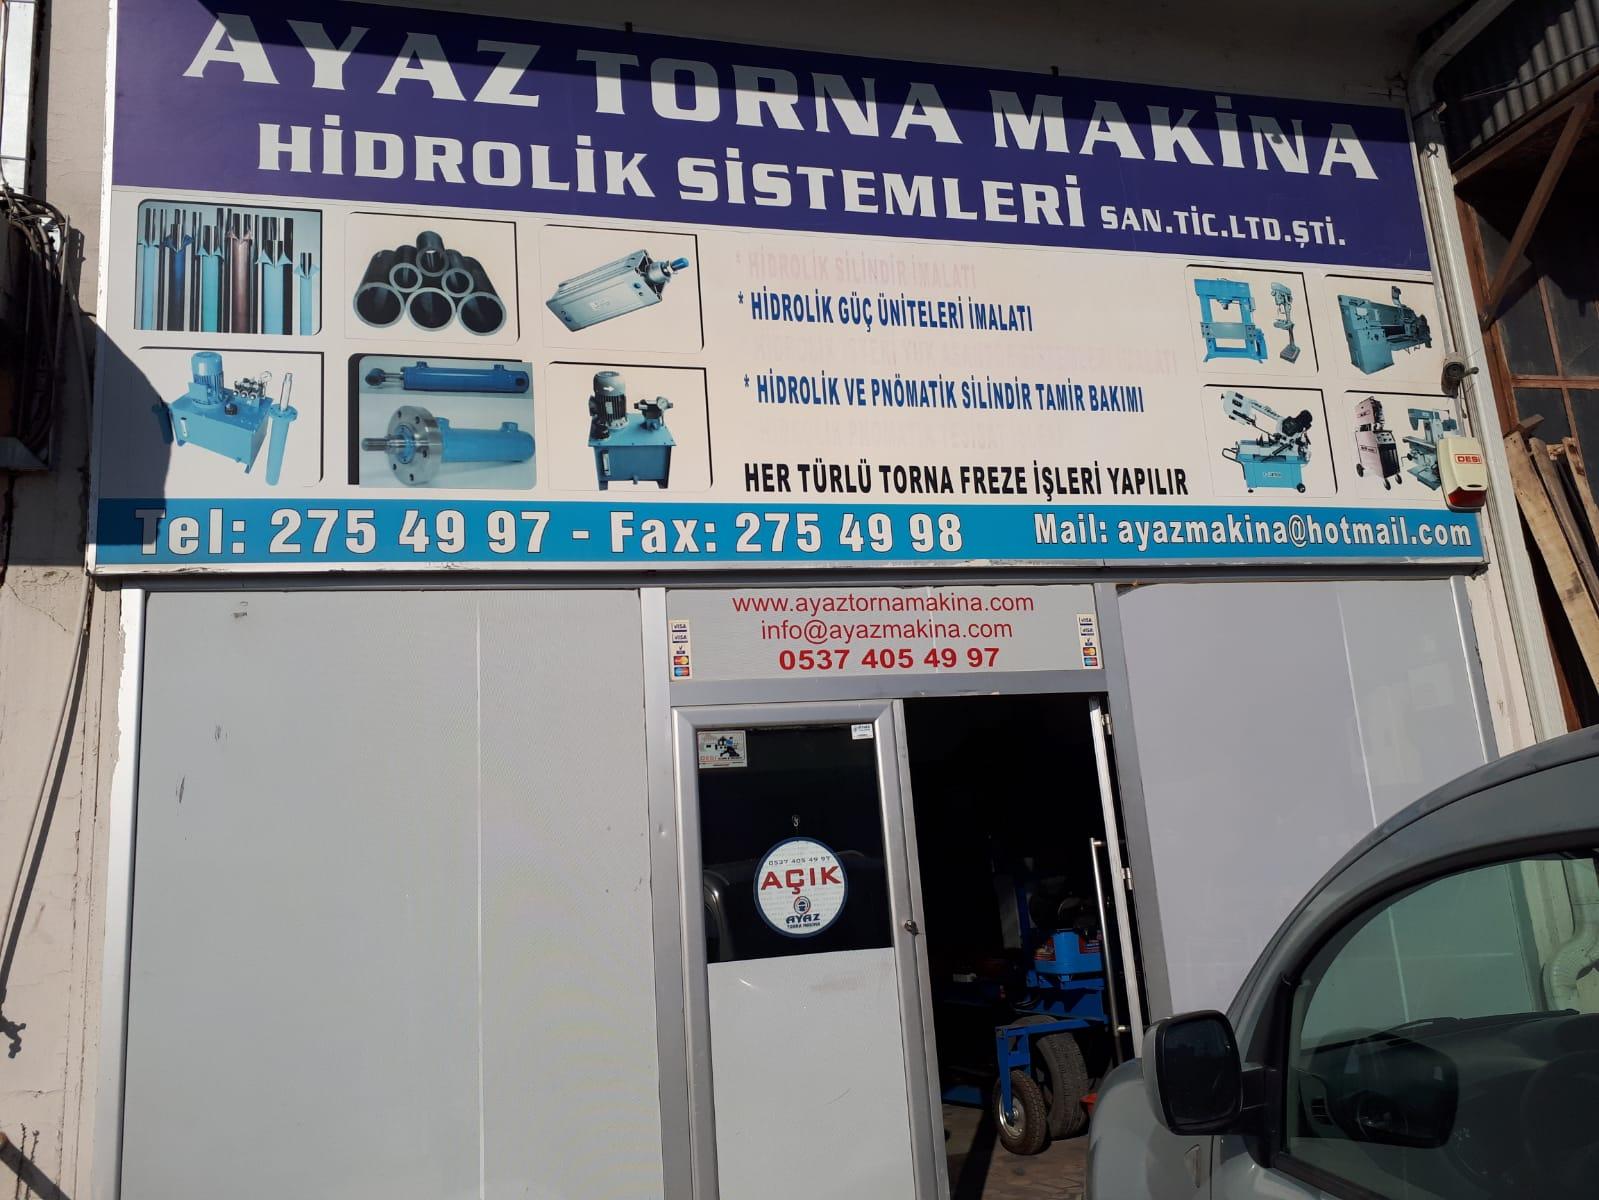 Ayaz Torna MAkina